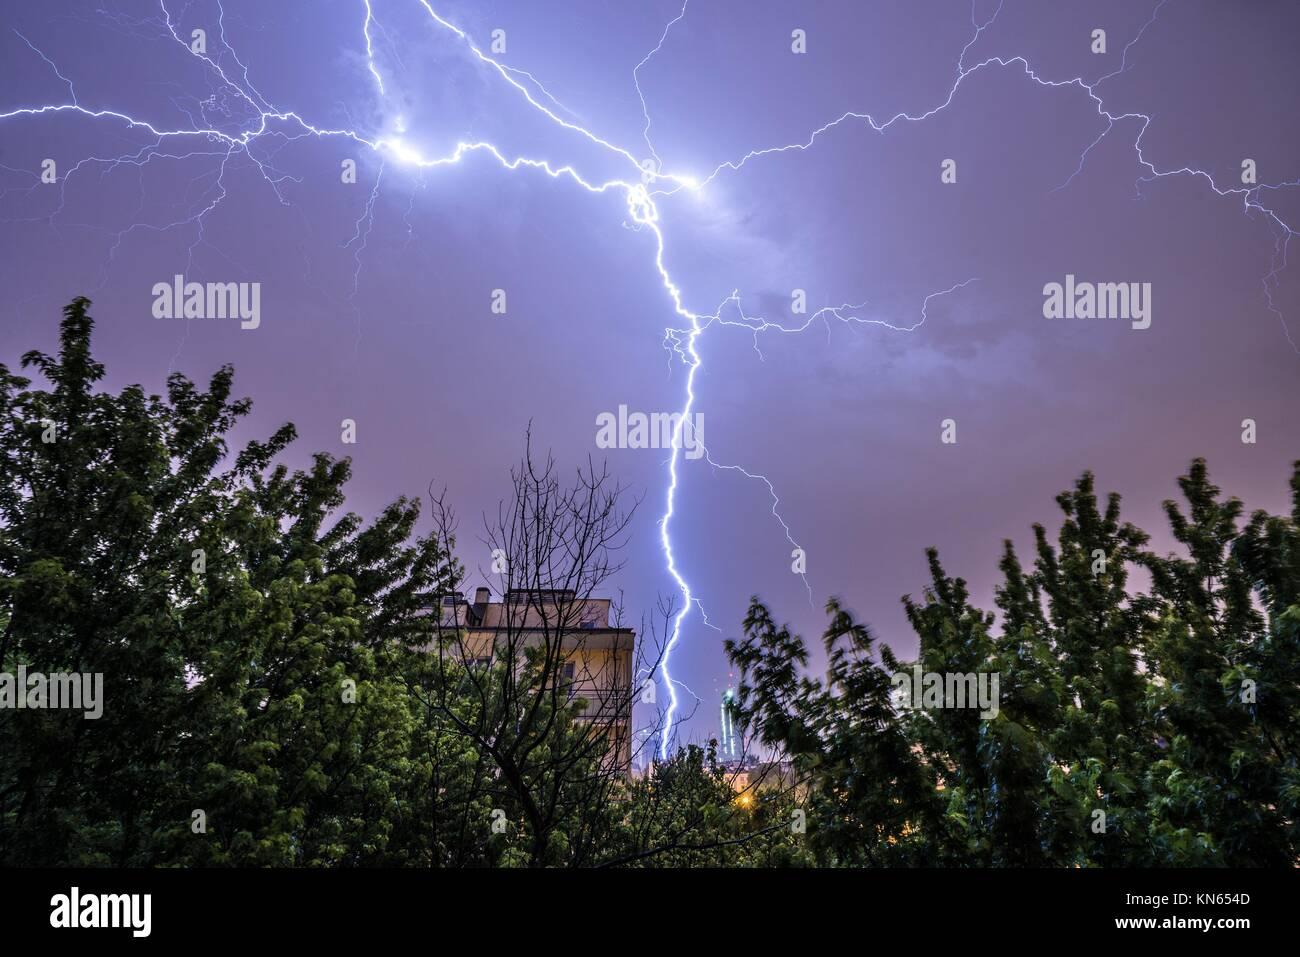 La iluminación durante la tormenta pesada en Varsovia, en junio de 2015. Imagen De Stock